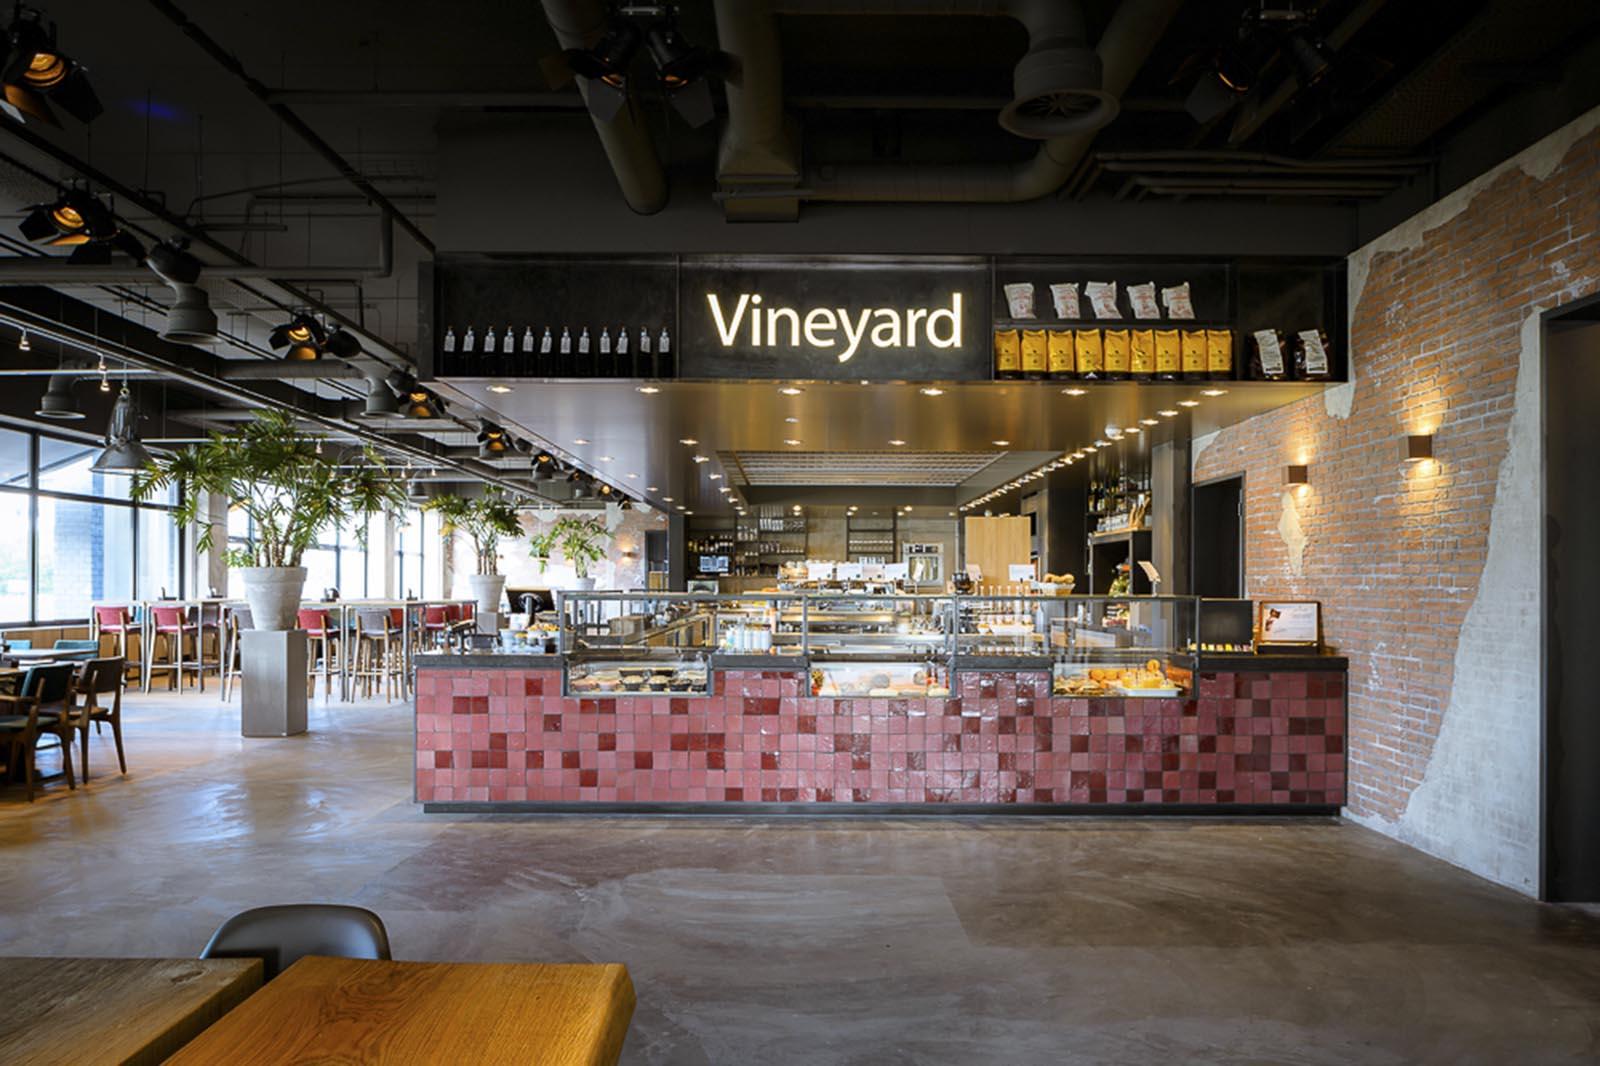 Vineyard restaurant2